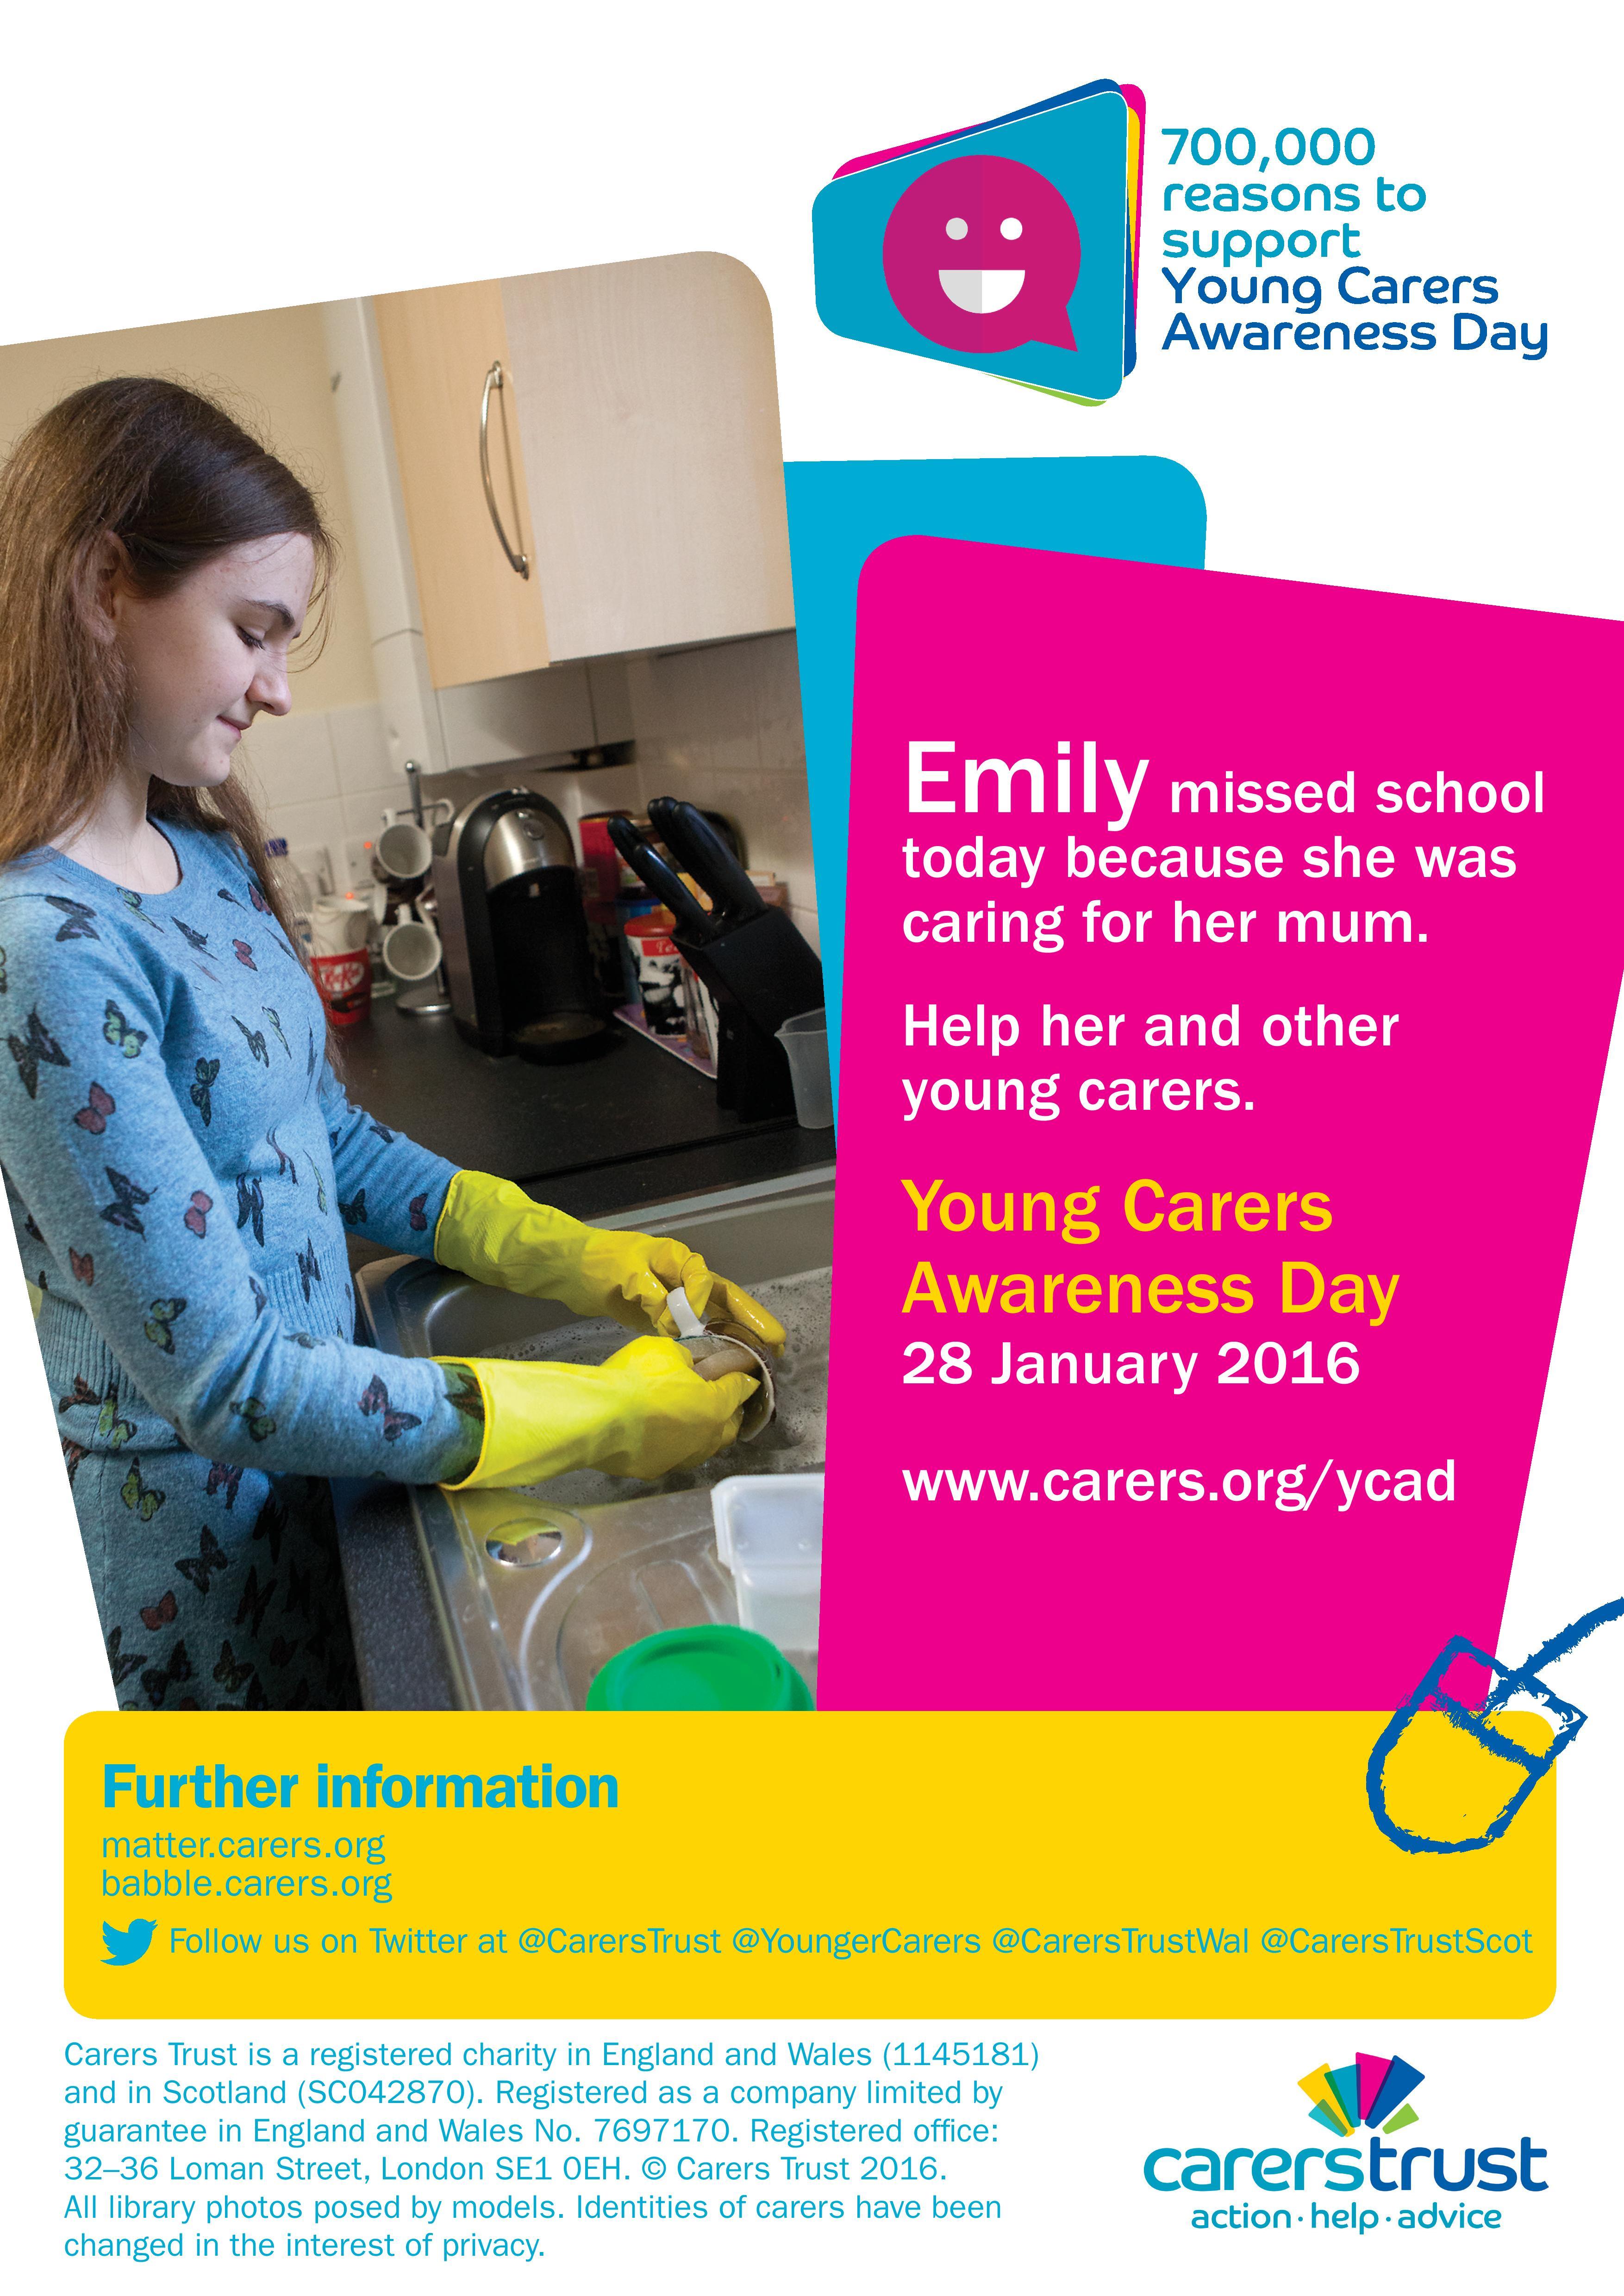 Young Carers Awareness Day